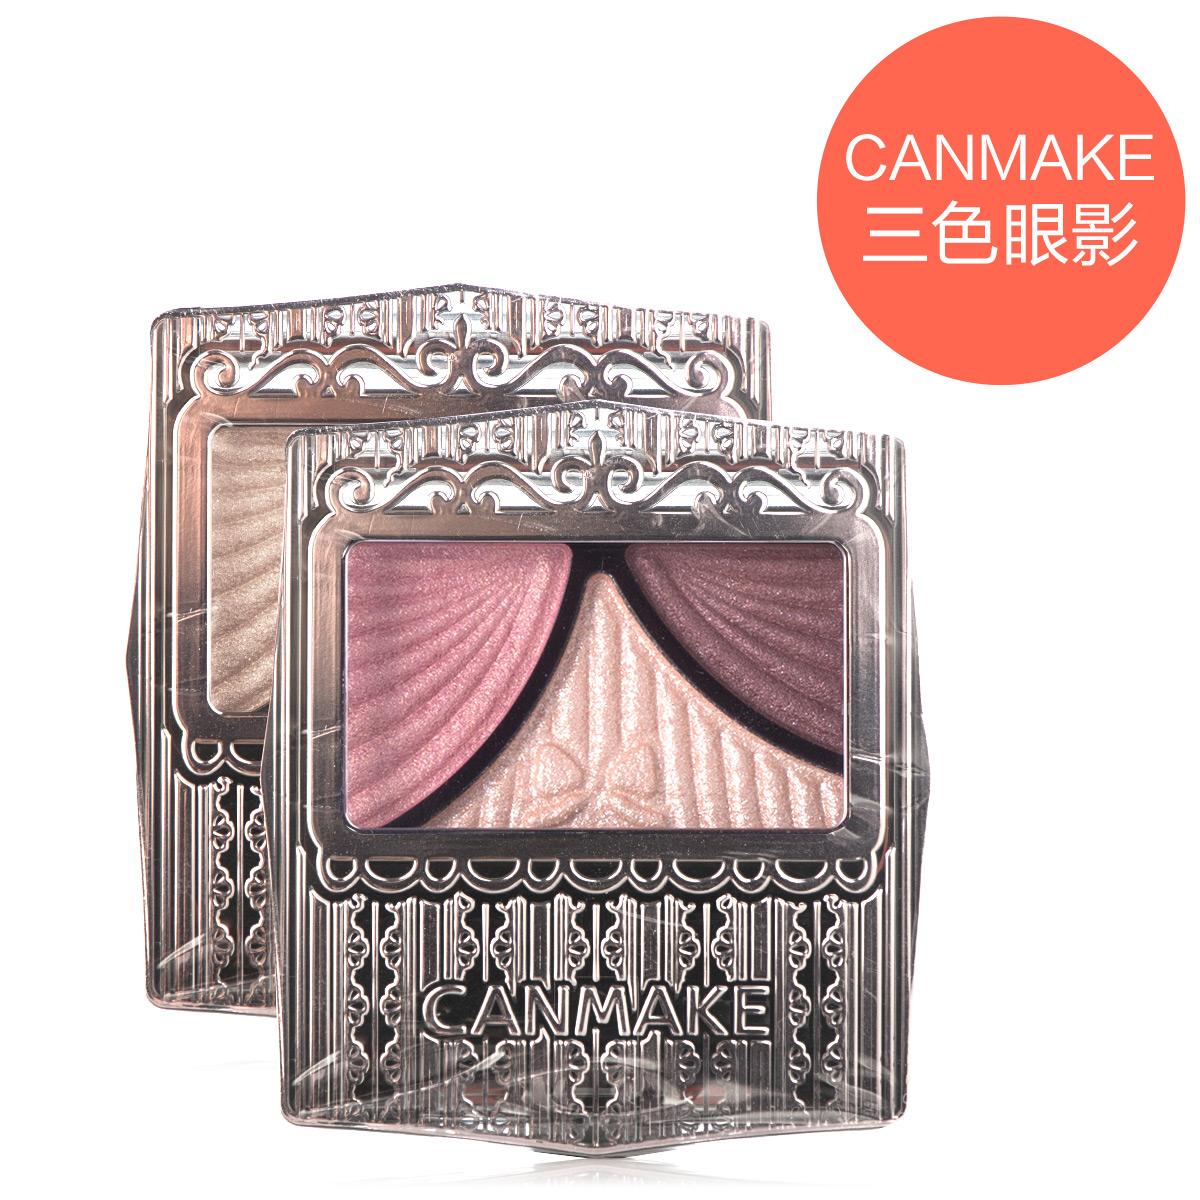 日本CANMAKE井田渐变复古蝴蝶结三色眼影盘 清透水漾大地色带珠光